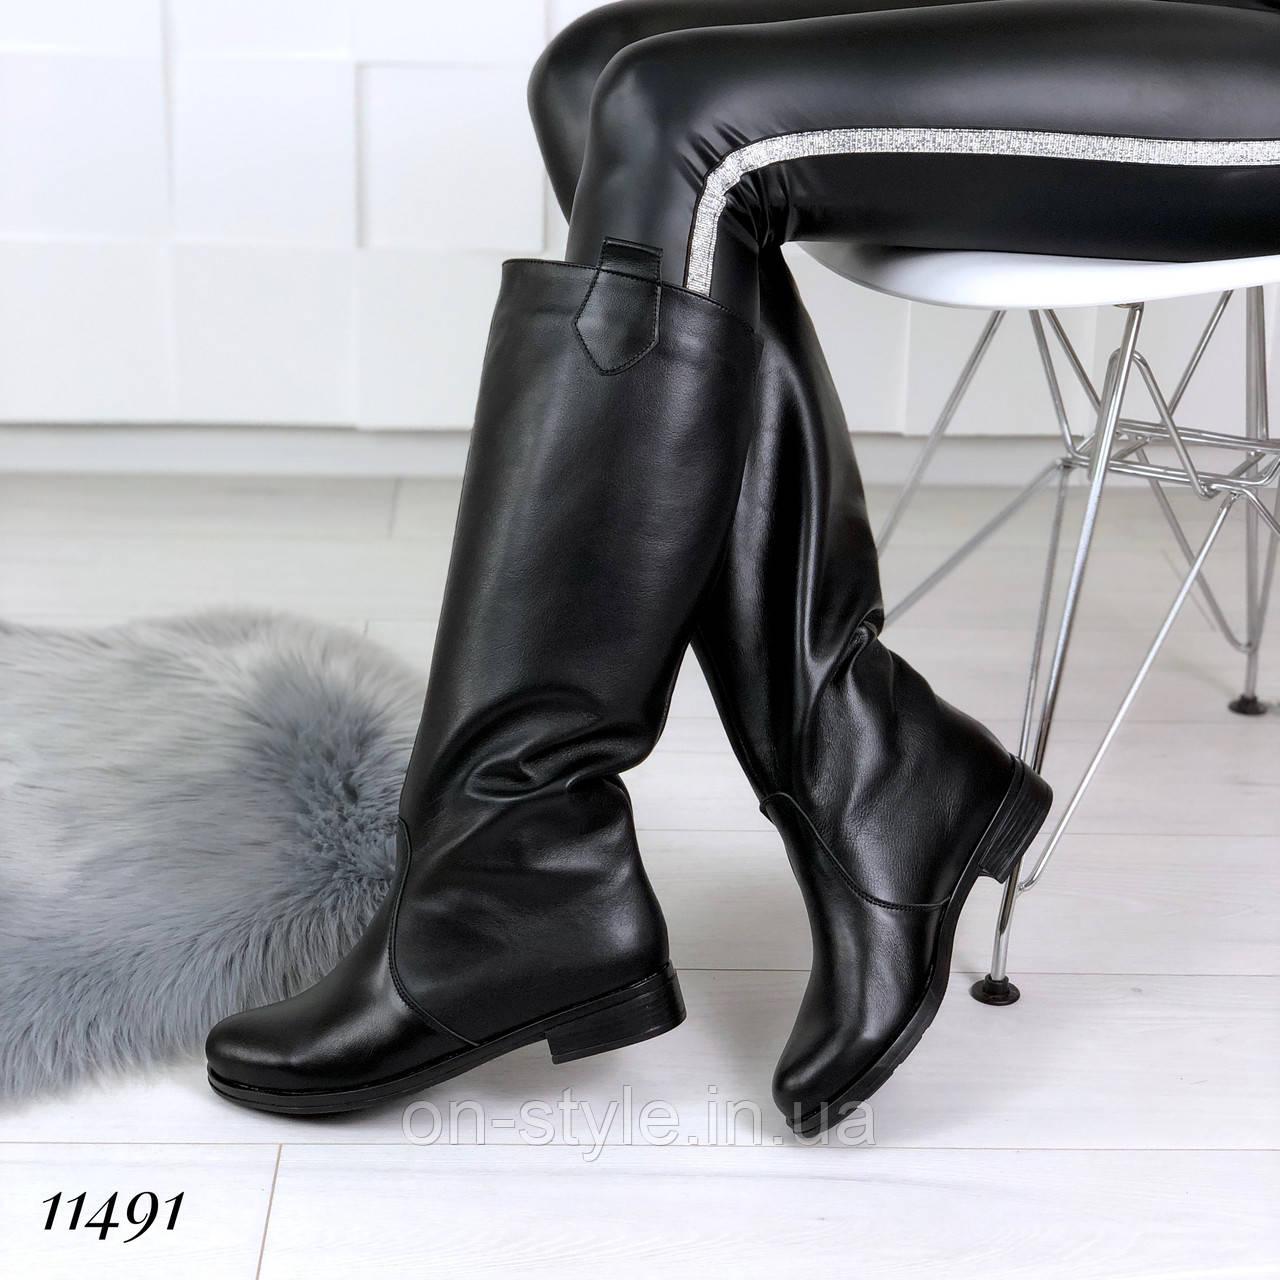 e3a3402d Женские зимние кожаные сапоги трубы - Интернет-магазин